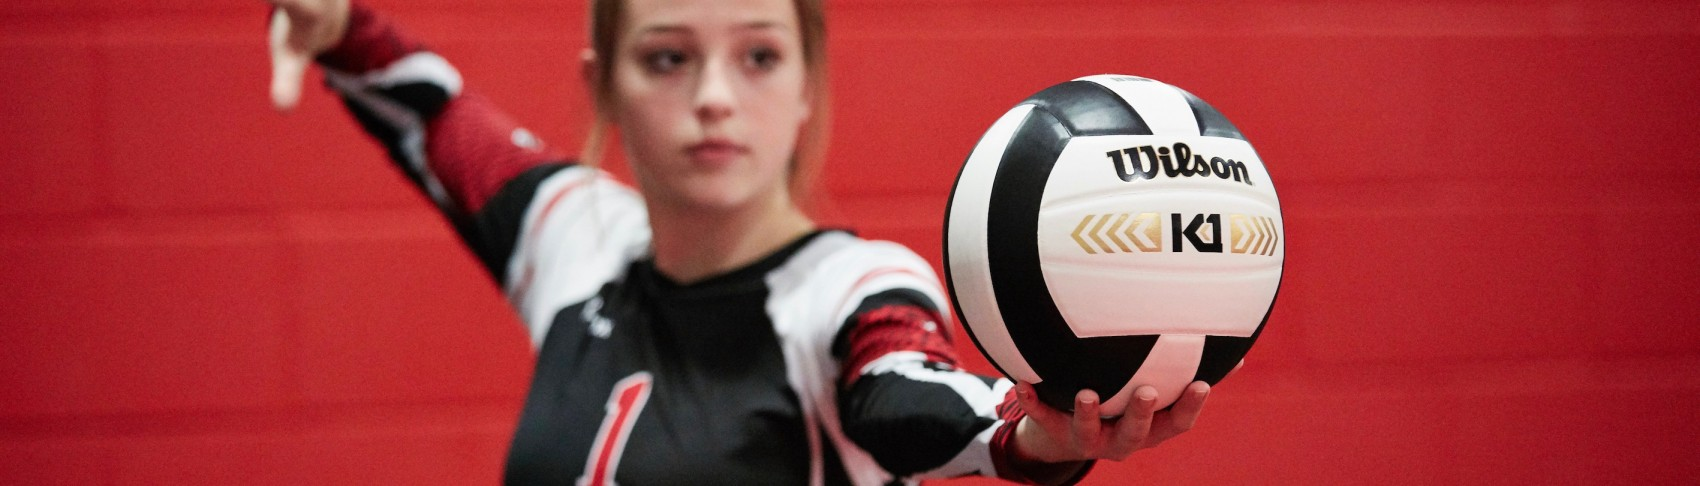 Volleyball Schützer